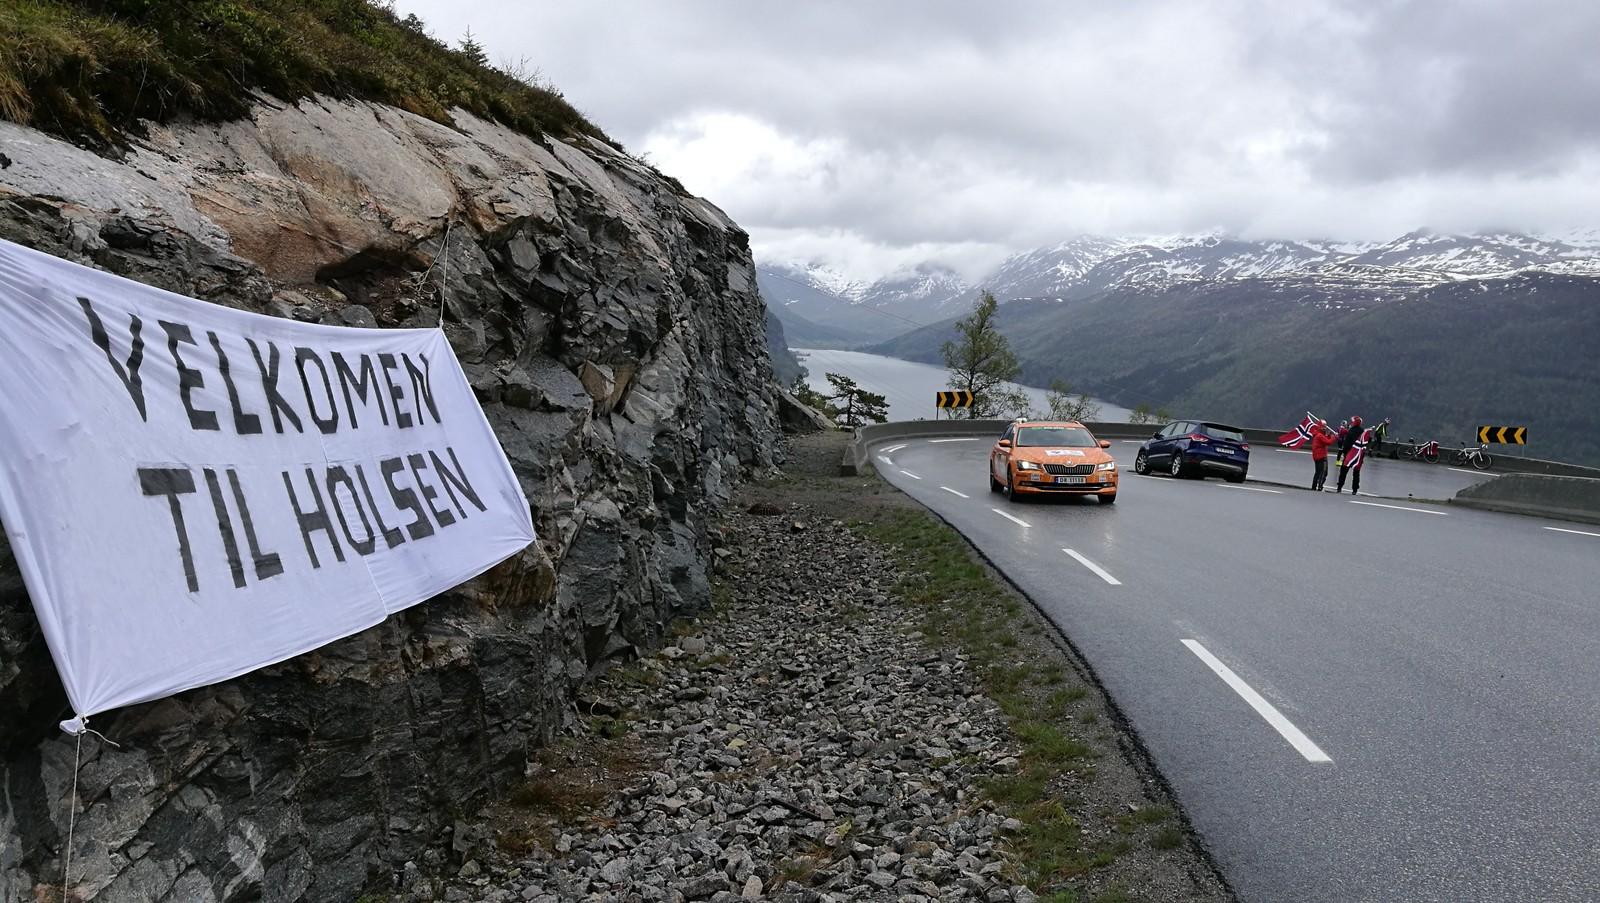 Velkommen til Holsen har bygdefolket skrive på eit stort banner på toppen av Røyrvikfjellet.